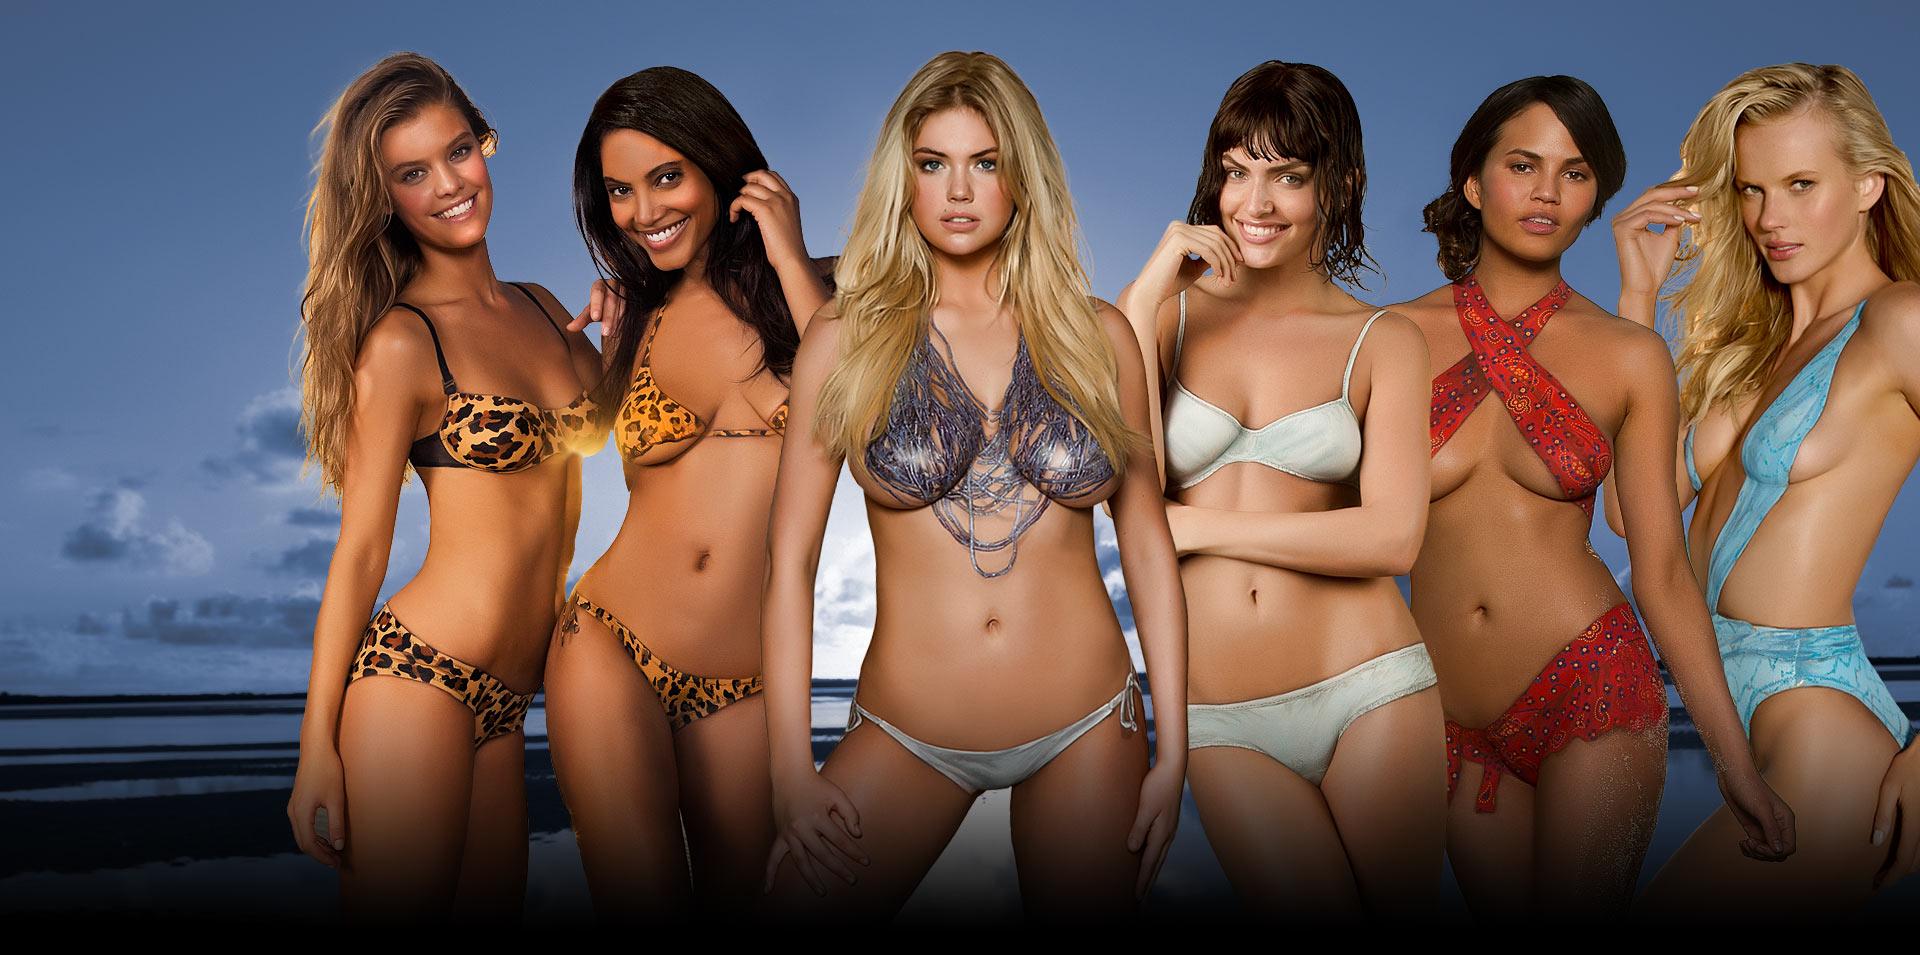 Soll Deutsch Si sexiest bikini model pics slut! Shame